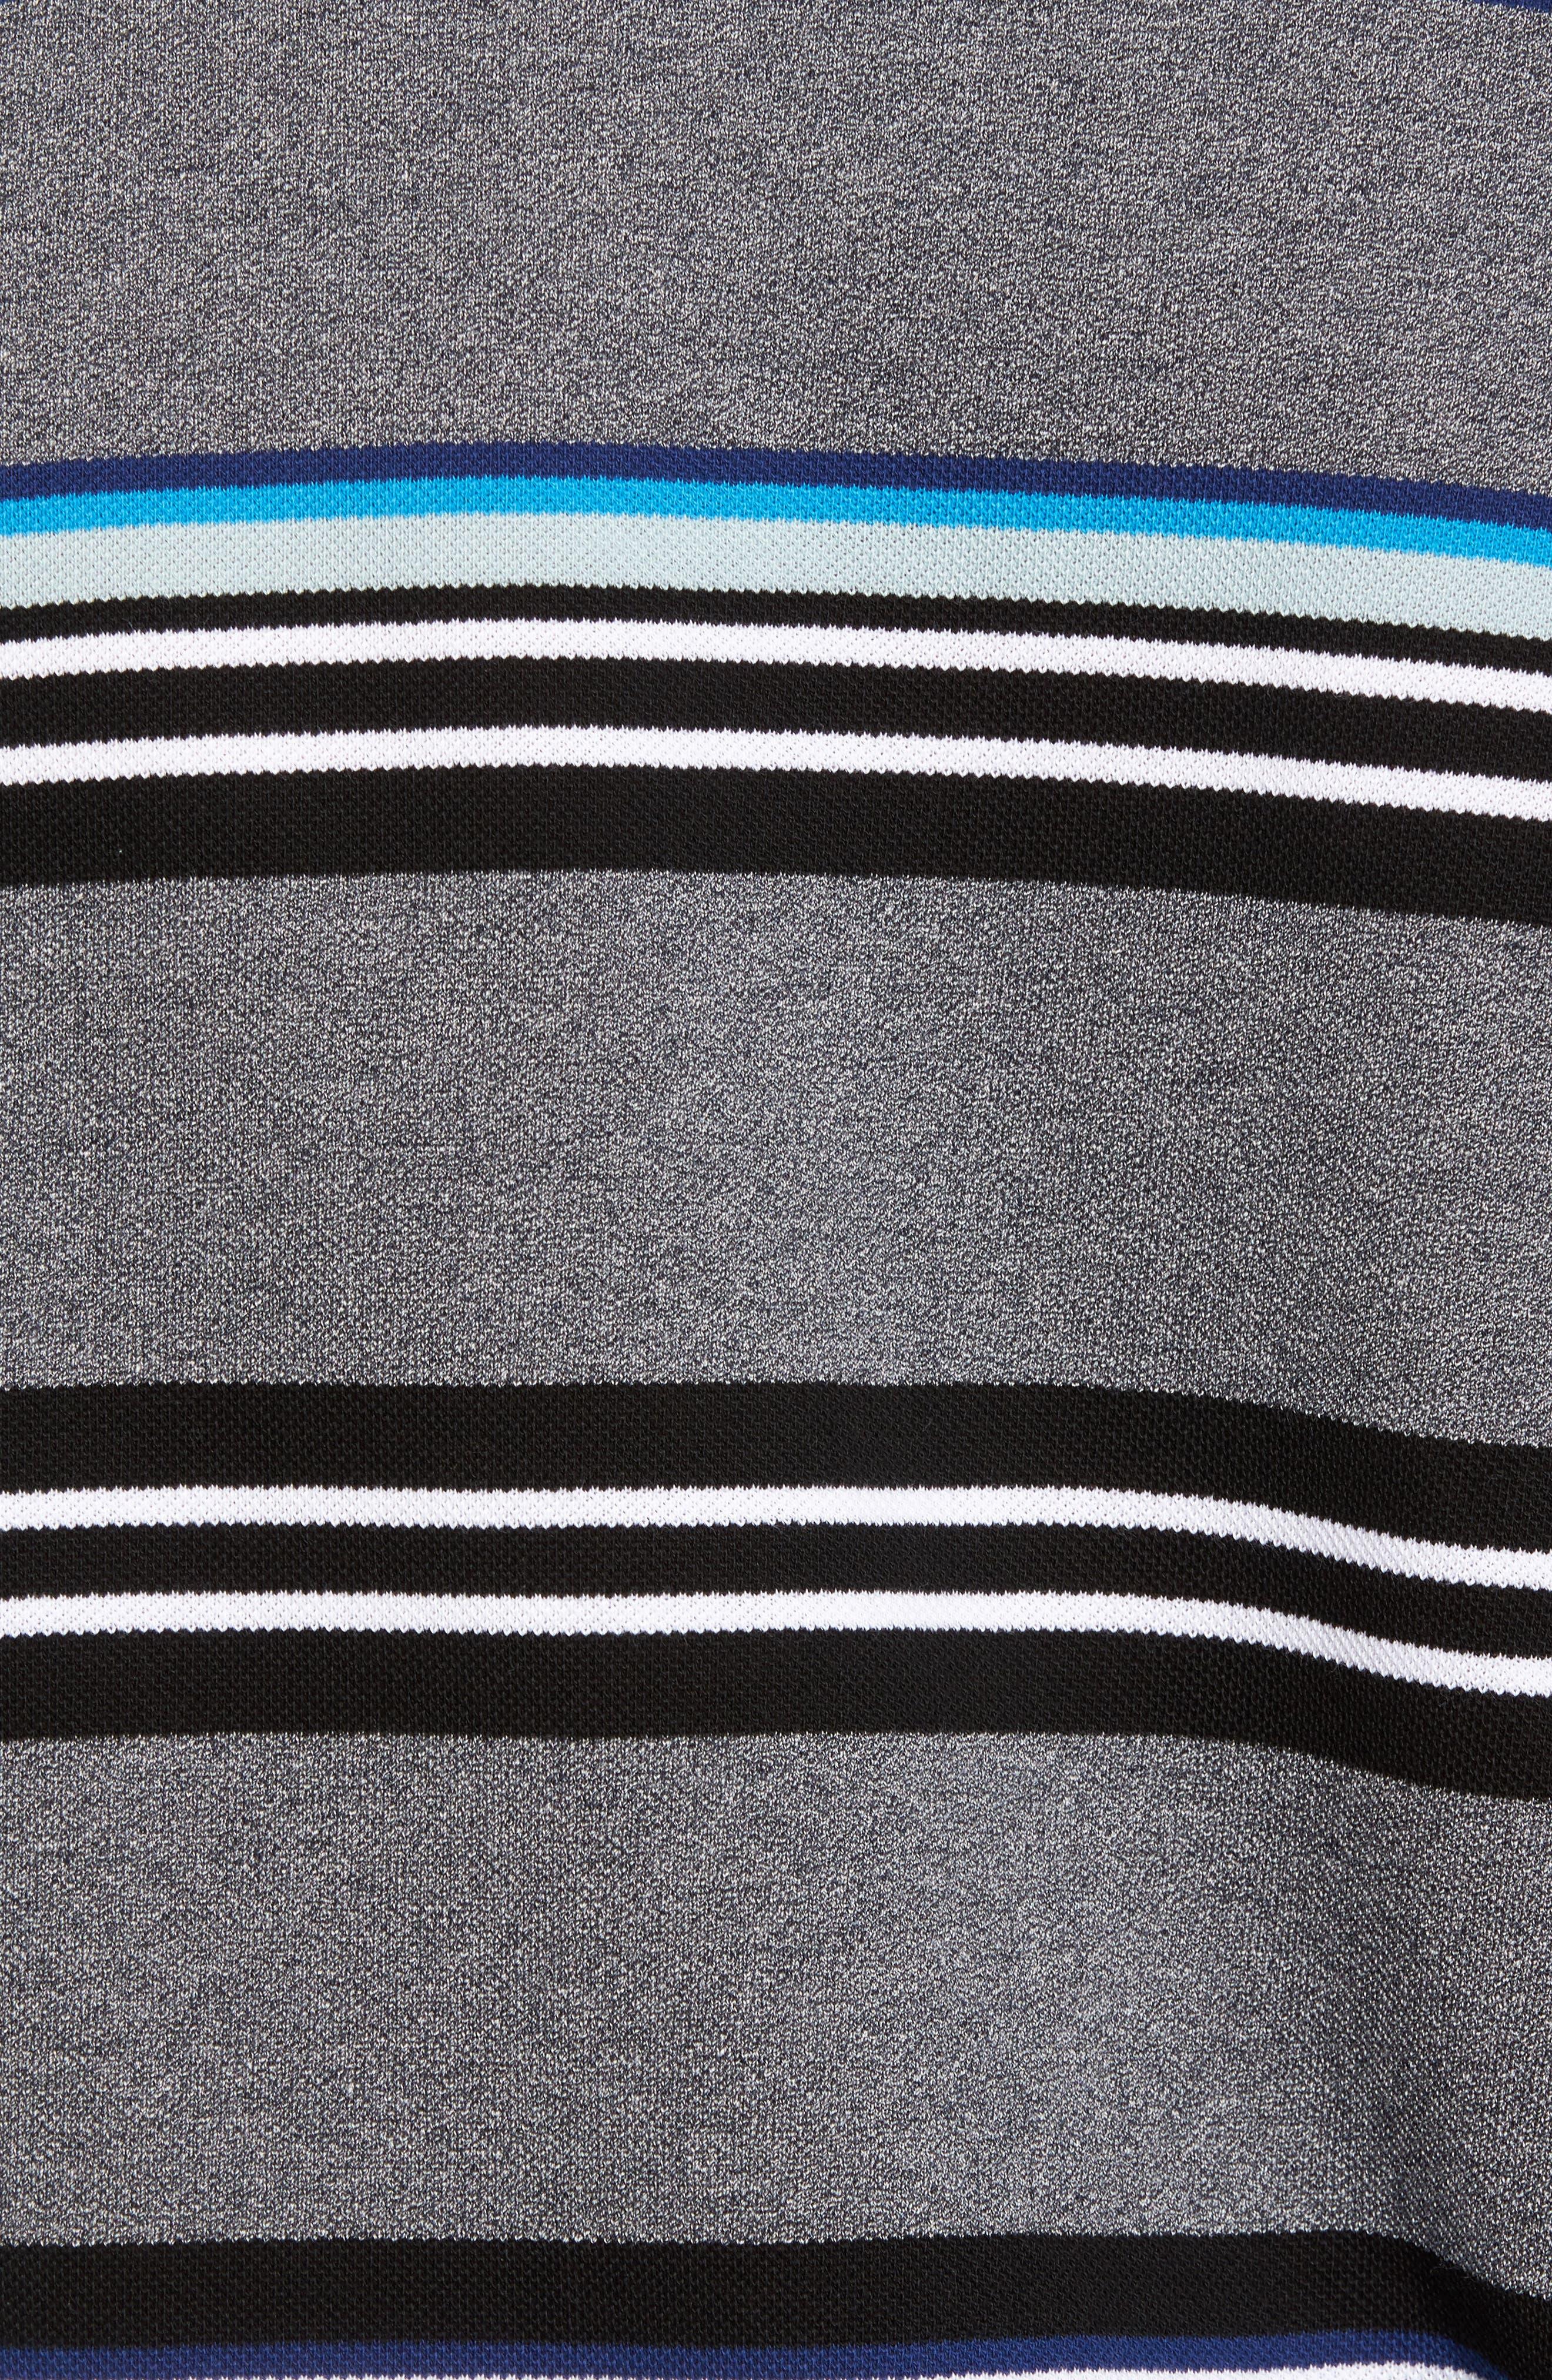 Mouline Stripe Piqué Polo,                             Alternate thumbnail 5, color,                             Qzy Mouline Navy Blue/ Multico